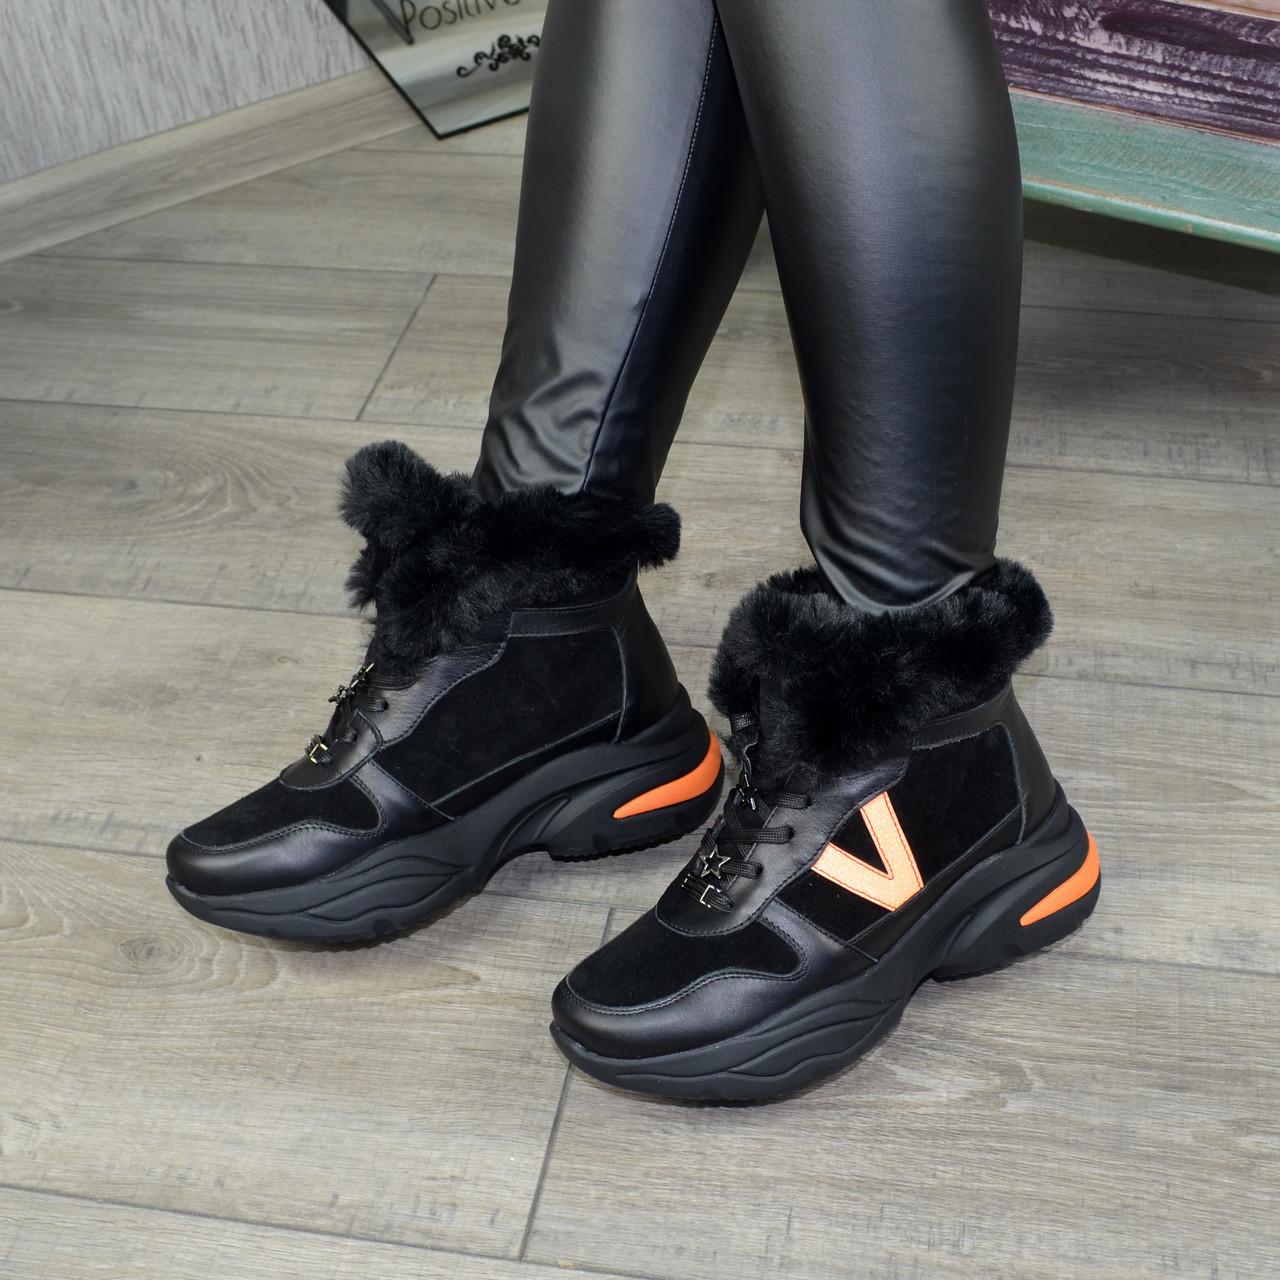 Ботинки женские в спортивном стиле из натуральной кожи и замши